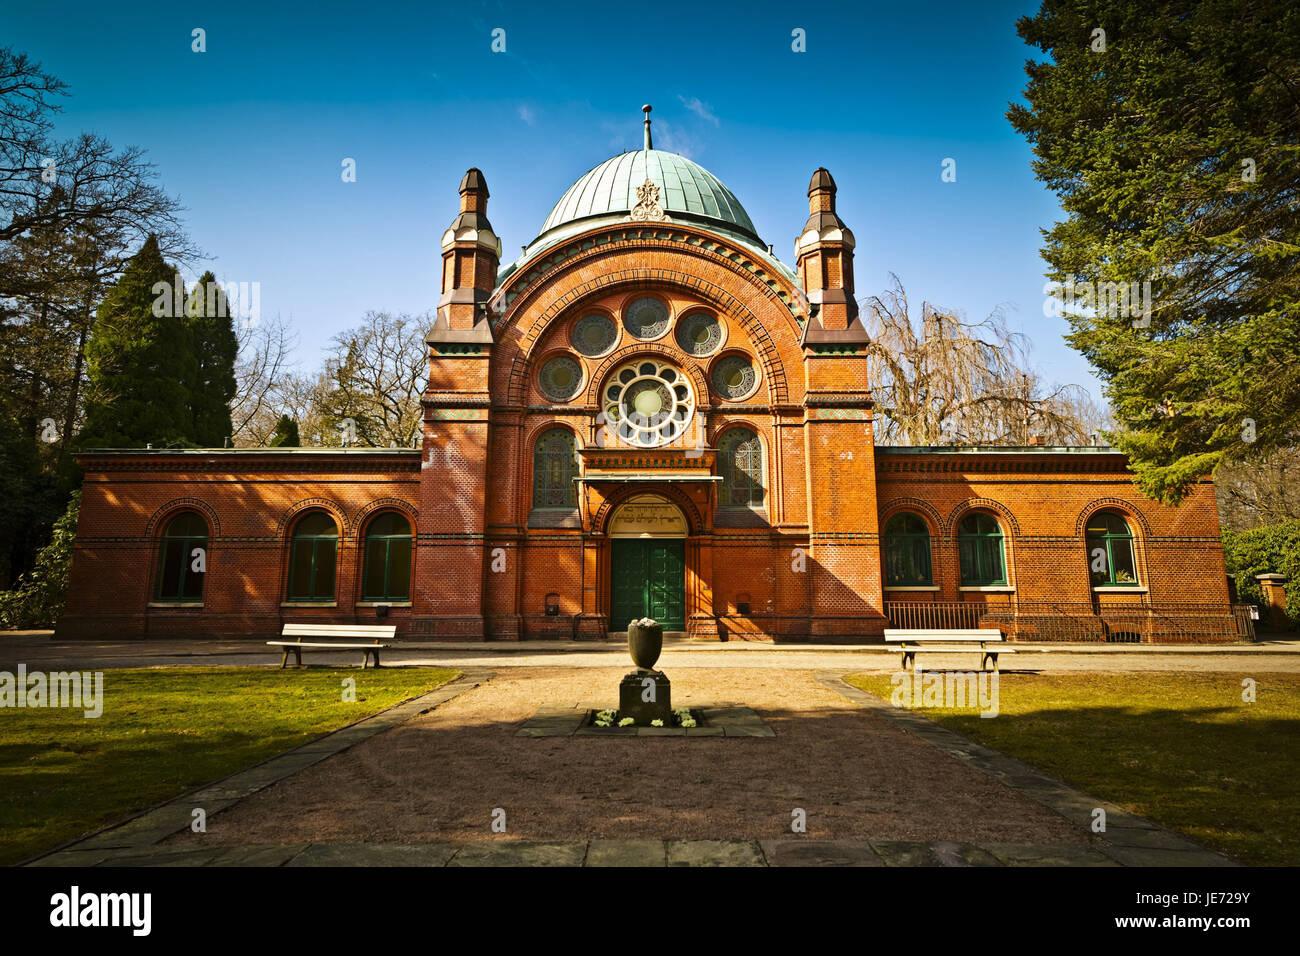 Deutschland, Hamburg, Dorf Ohls, Park-Friedhof, Synagoge, Friedhof, 1883, Gräberfeld, Gebäude, Erinnerung, Stockbild